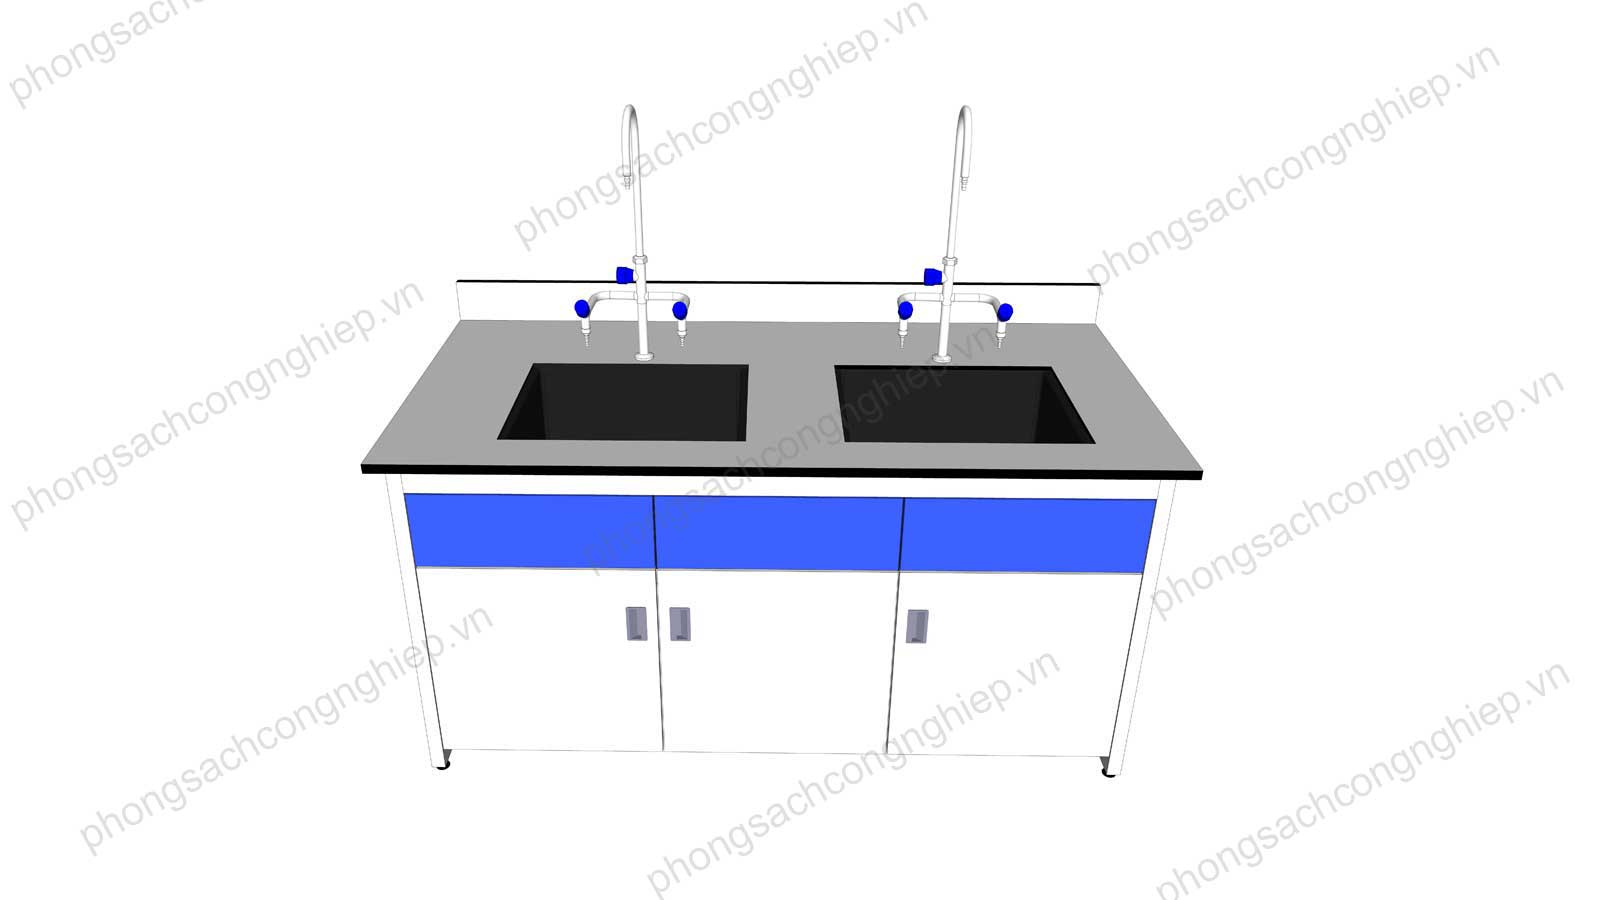 bàn chậu rửa phòng thí nghiệm mẫu 1